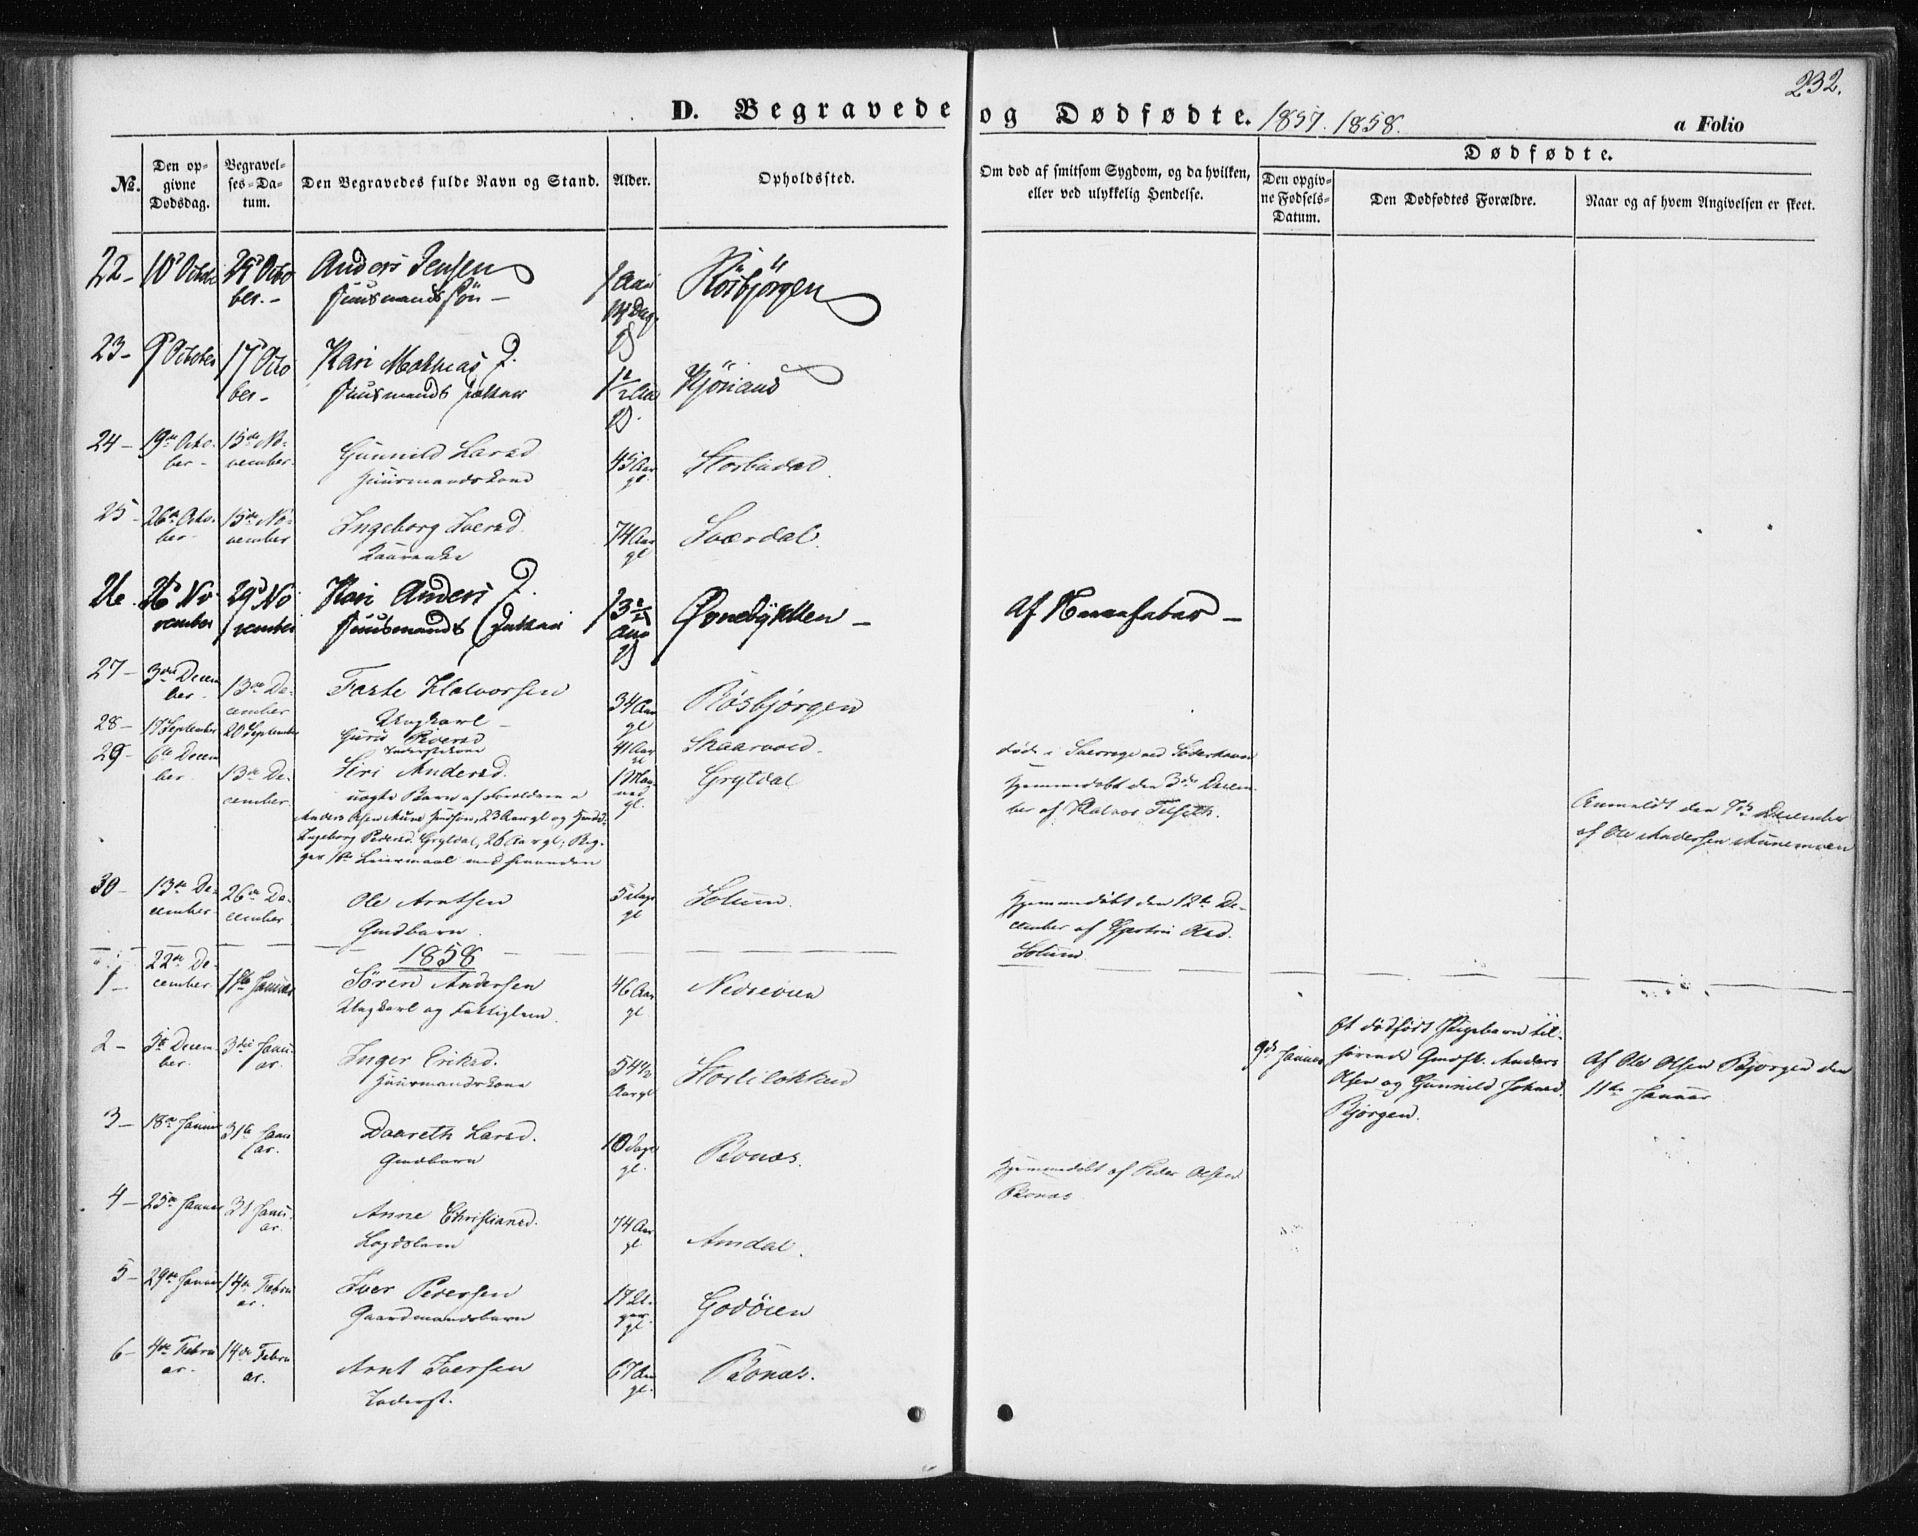 SAT, Ministerialprotokoller, klokkerbøker og fødselsregistre - Sør-Trøndelag, 687/L1000: Ministerialbok nr. 687A06, 1848-1869, s. 232